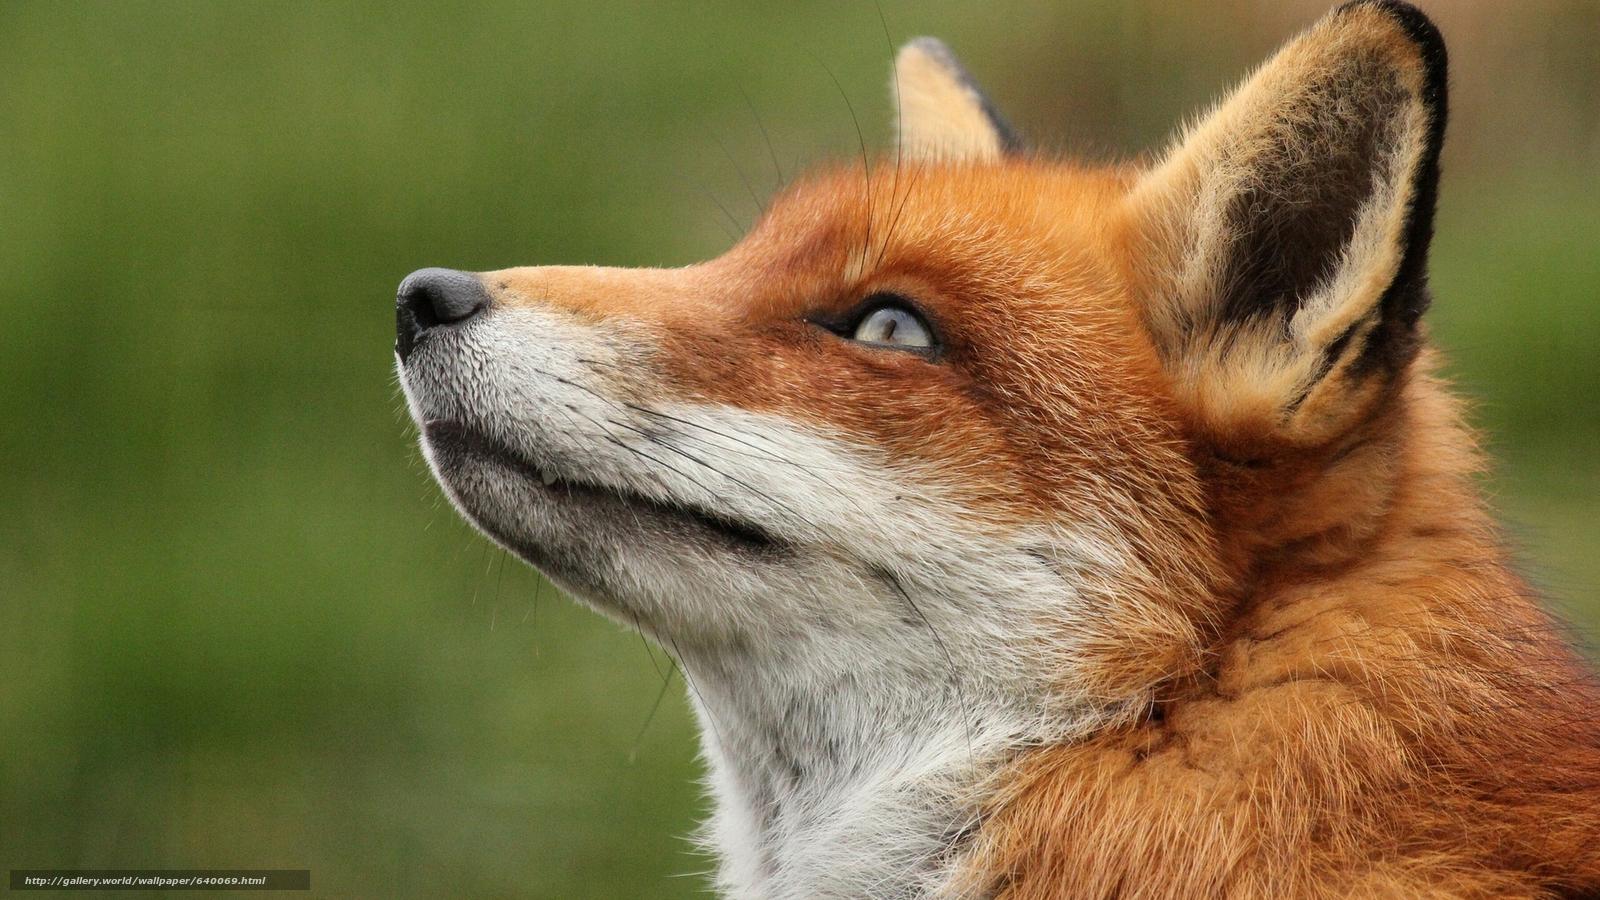 下载壁纸 狐狸,  狐狸,  狐狸,  大鳄 免费为您的桌面分辨率的壁纸 1920x1080 — 图片 №640069